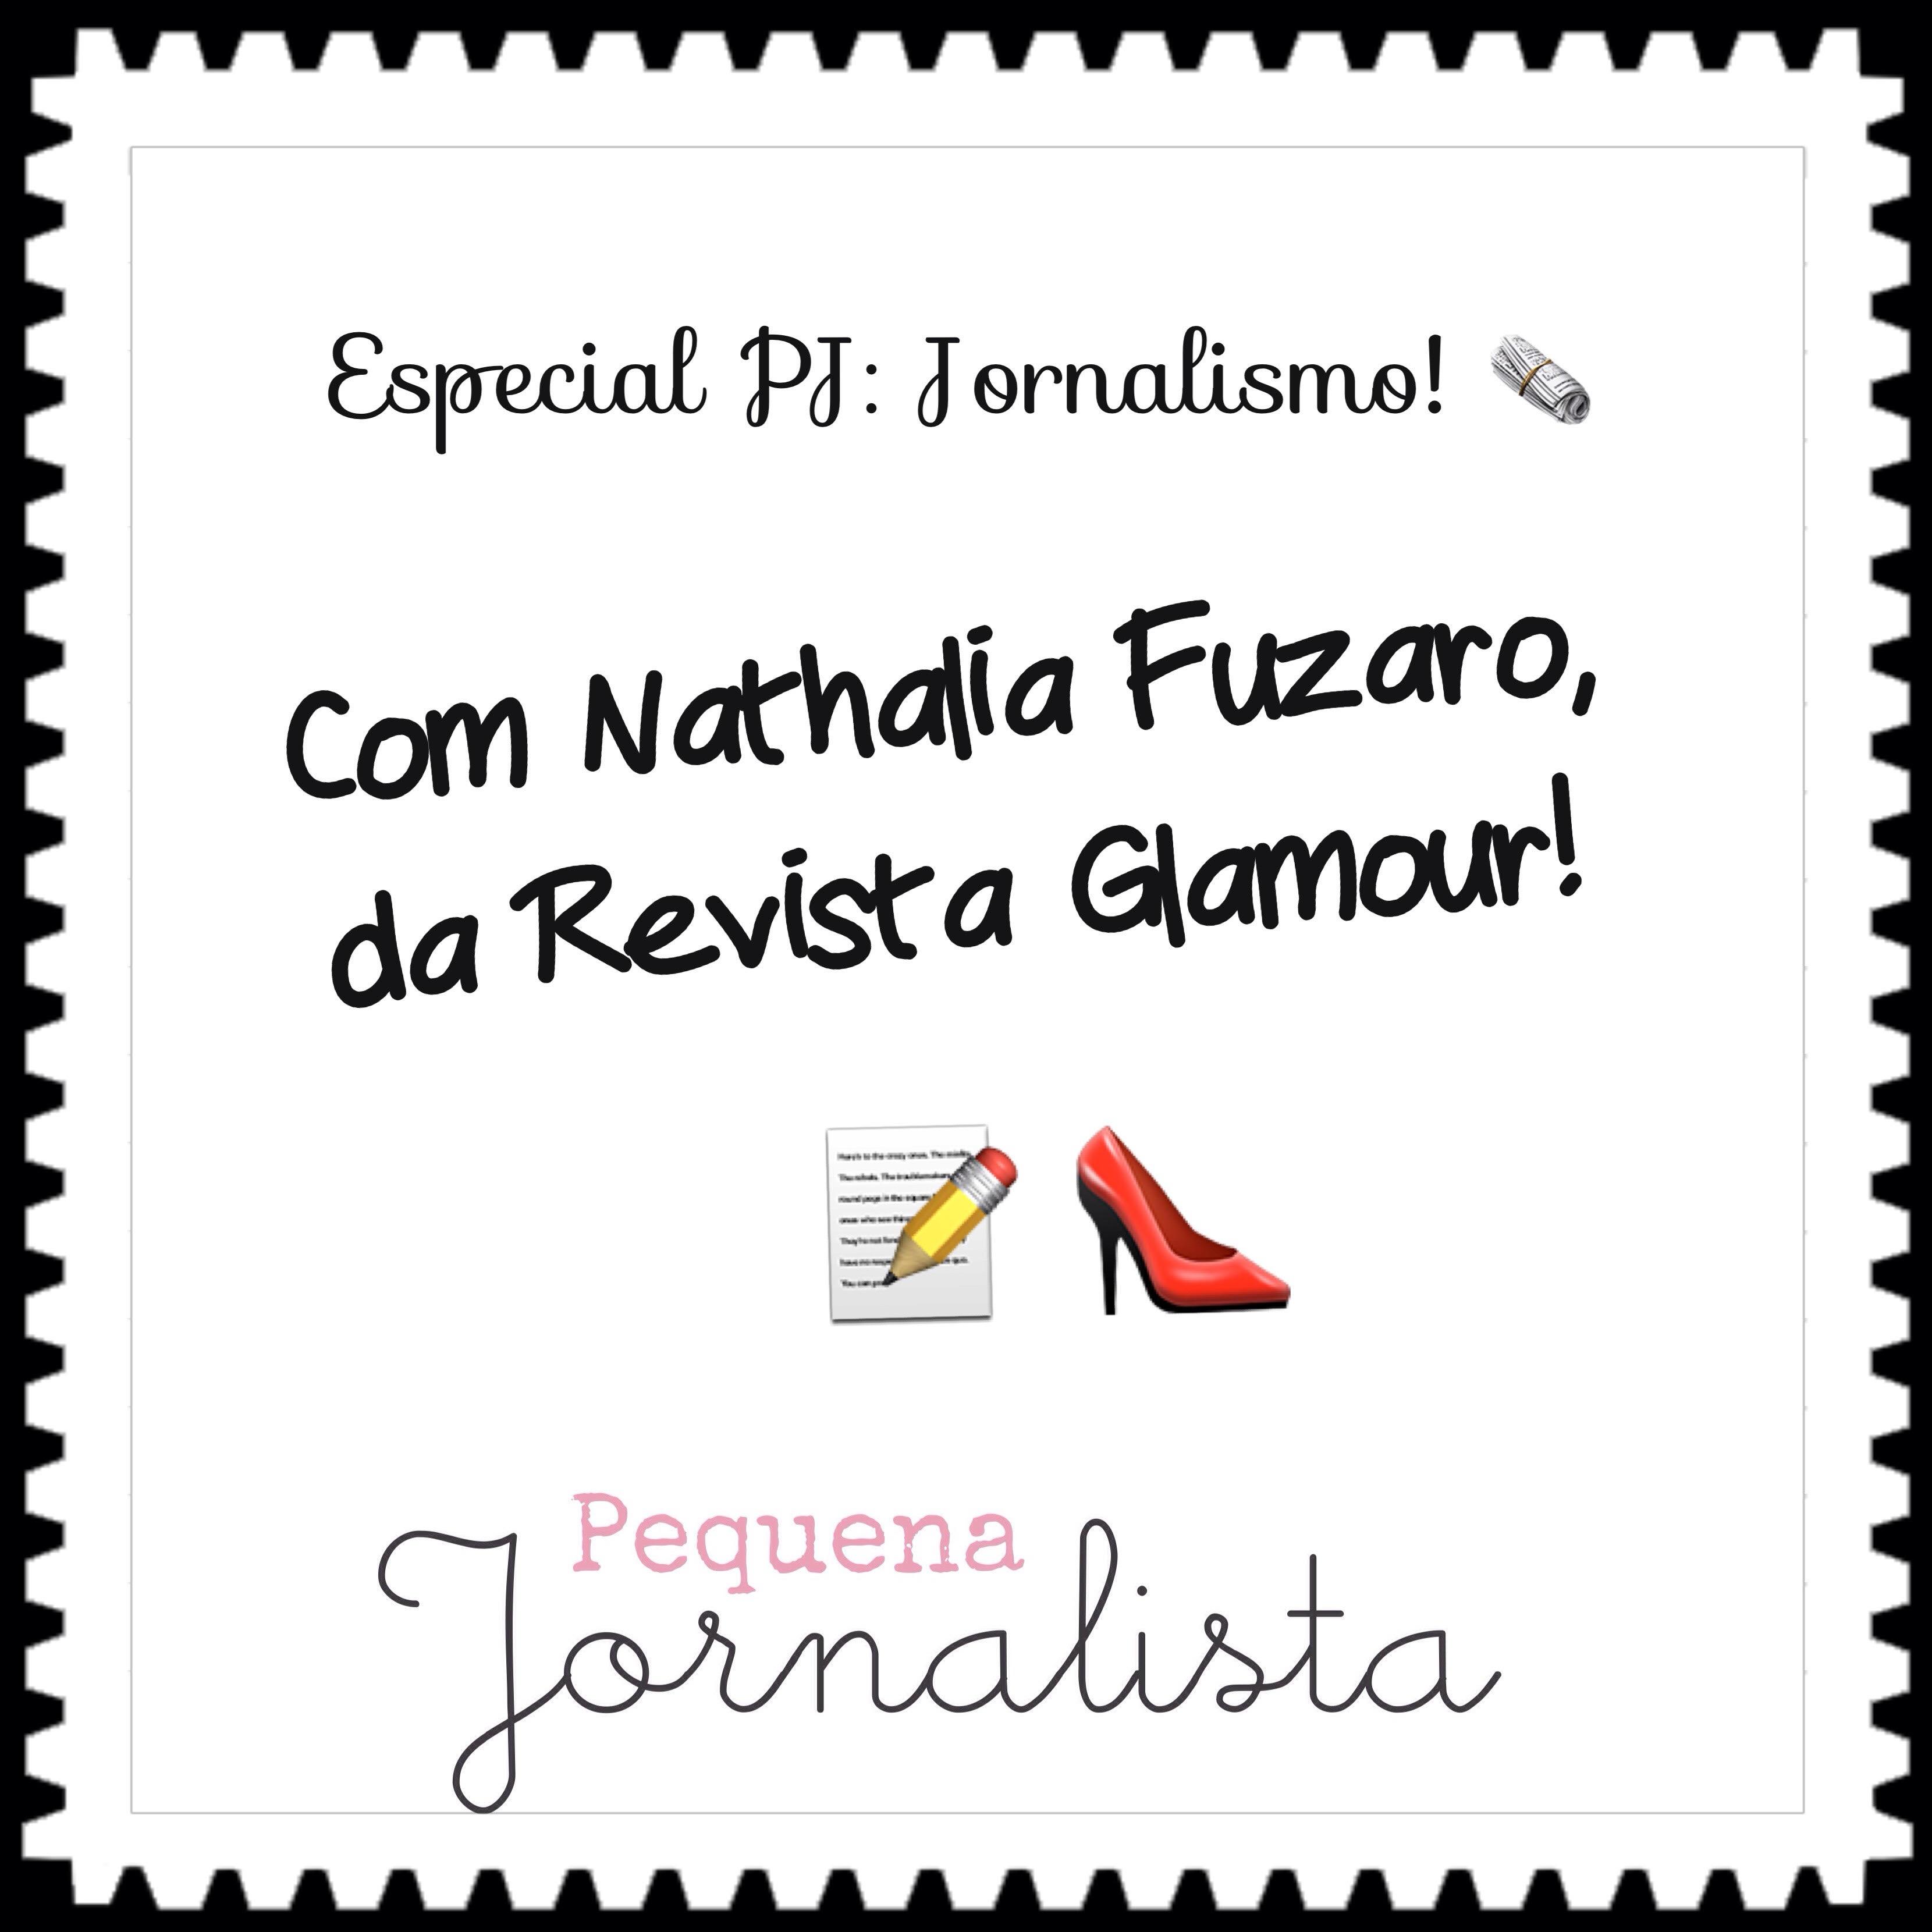 Especial PJ - Nat Fuzaro - Jornalista - 1!